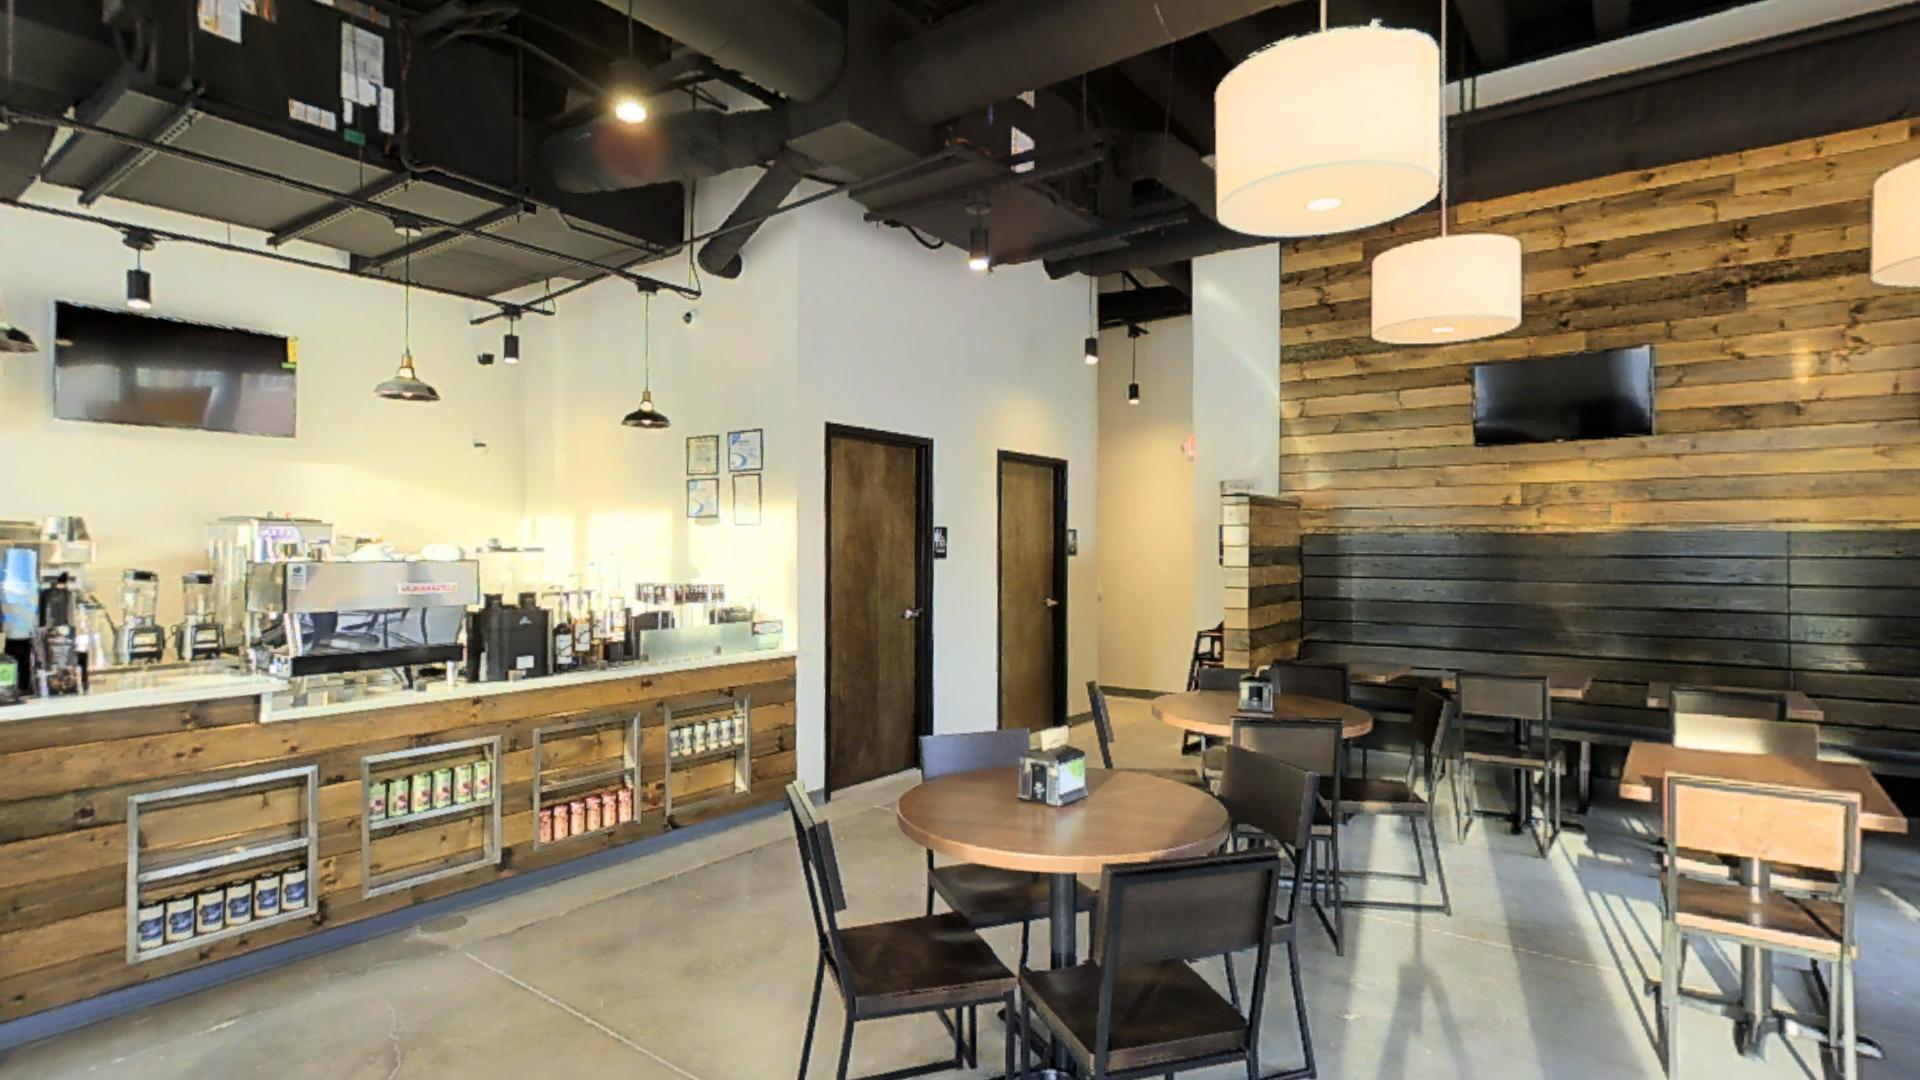 The Nest Cafe